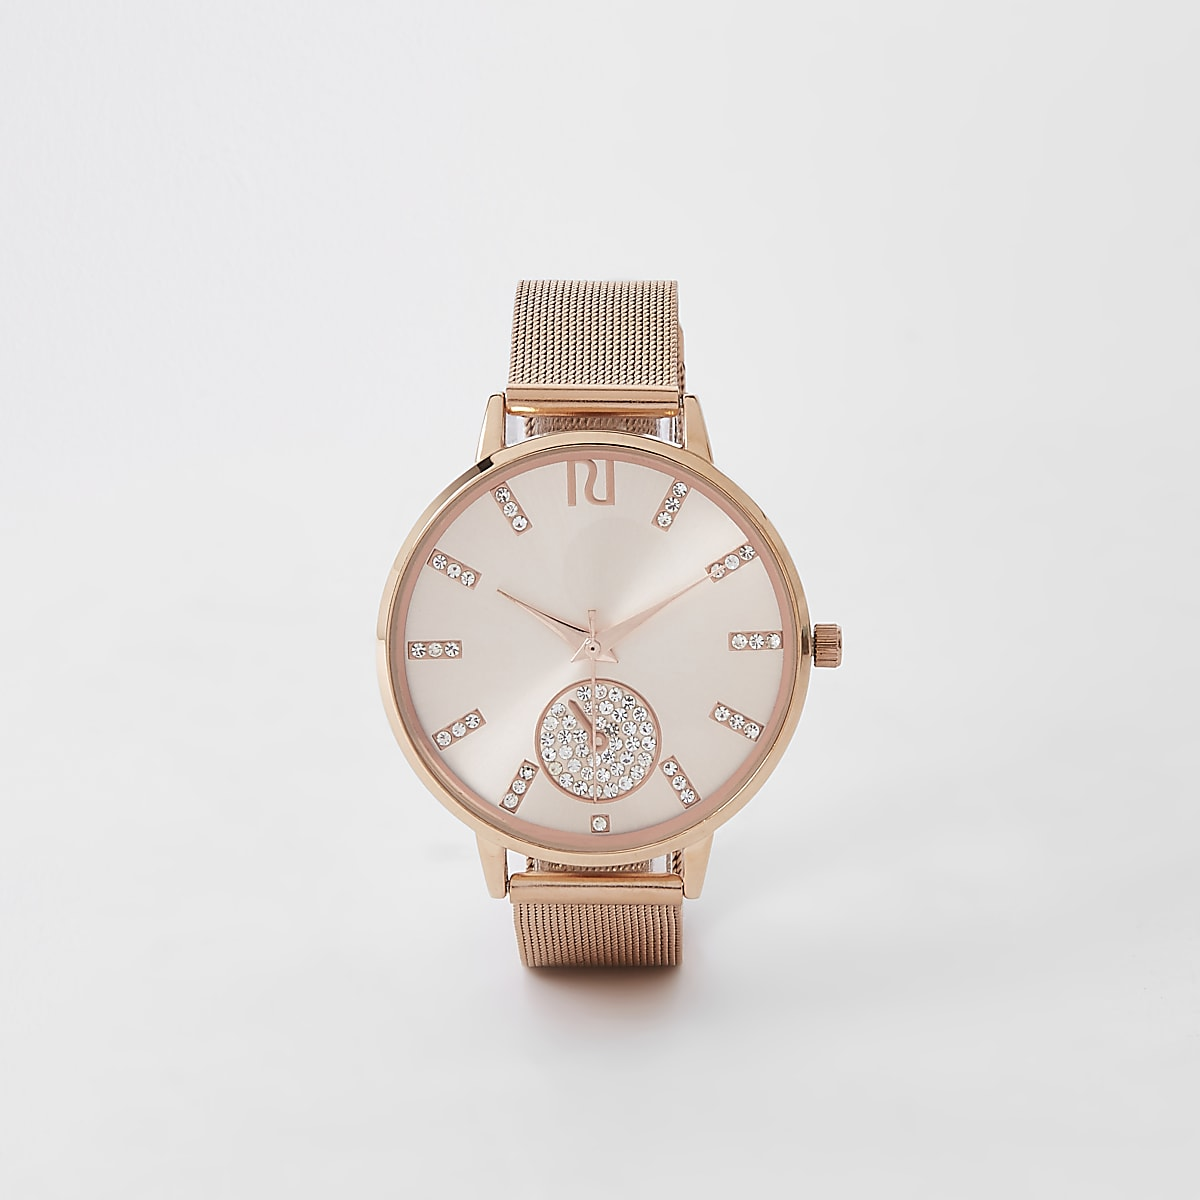 c21bd7115ba Rose gold diamante mesh strap round watch - Watches - women